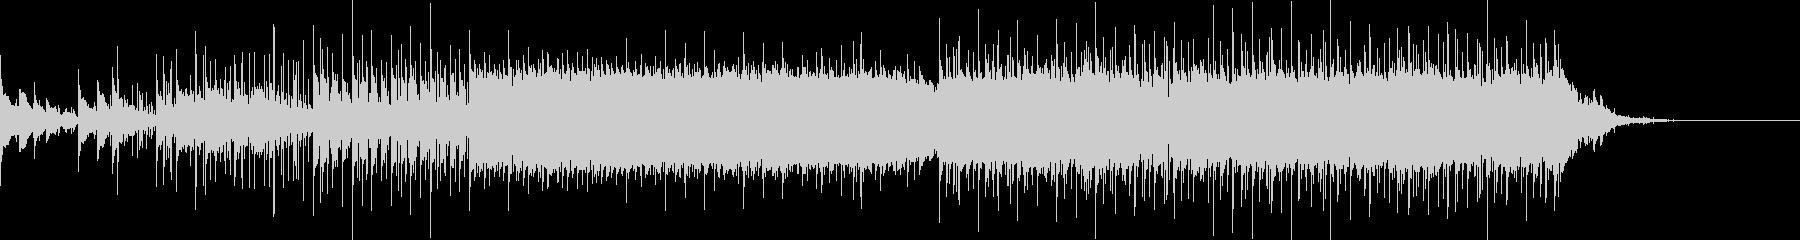 ベル音を基調としたエレクトロニカの未再生の波形